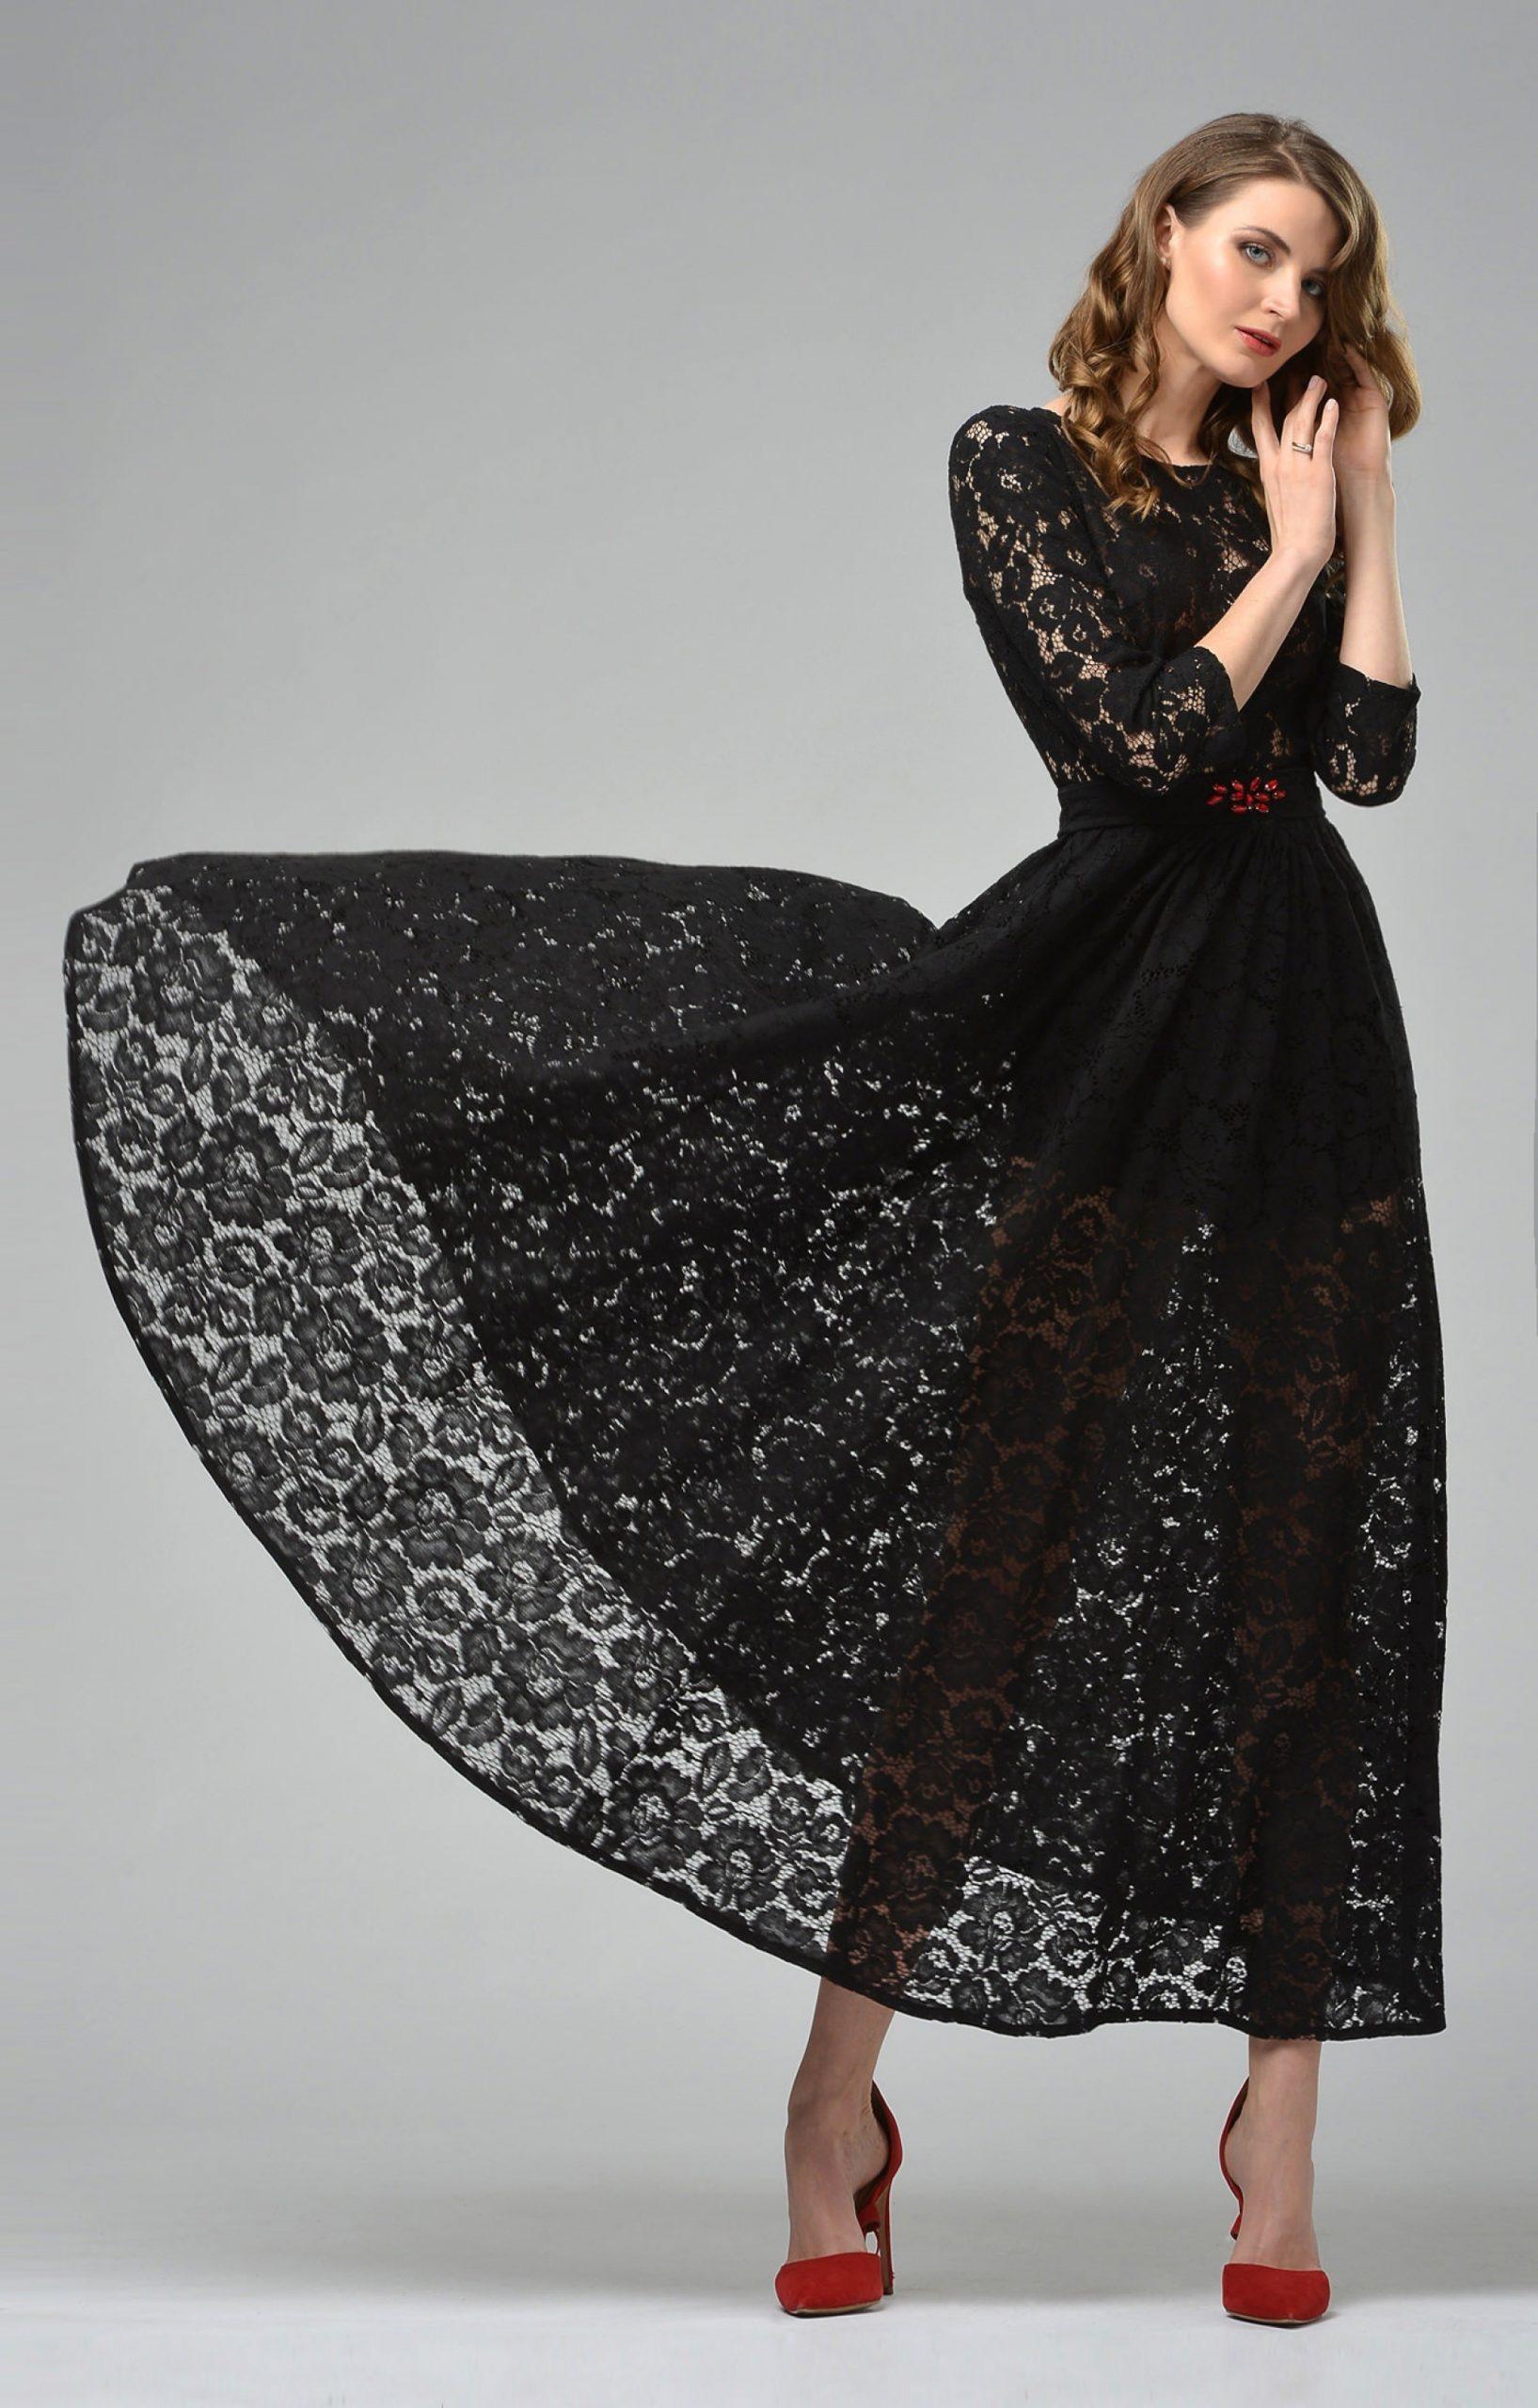 17 Cool Abendkleid Zara VertriebAbend Großartig Abendkleid Zara Ärmel